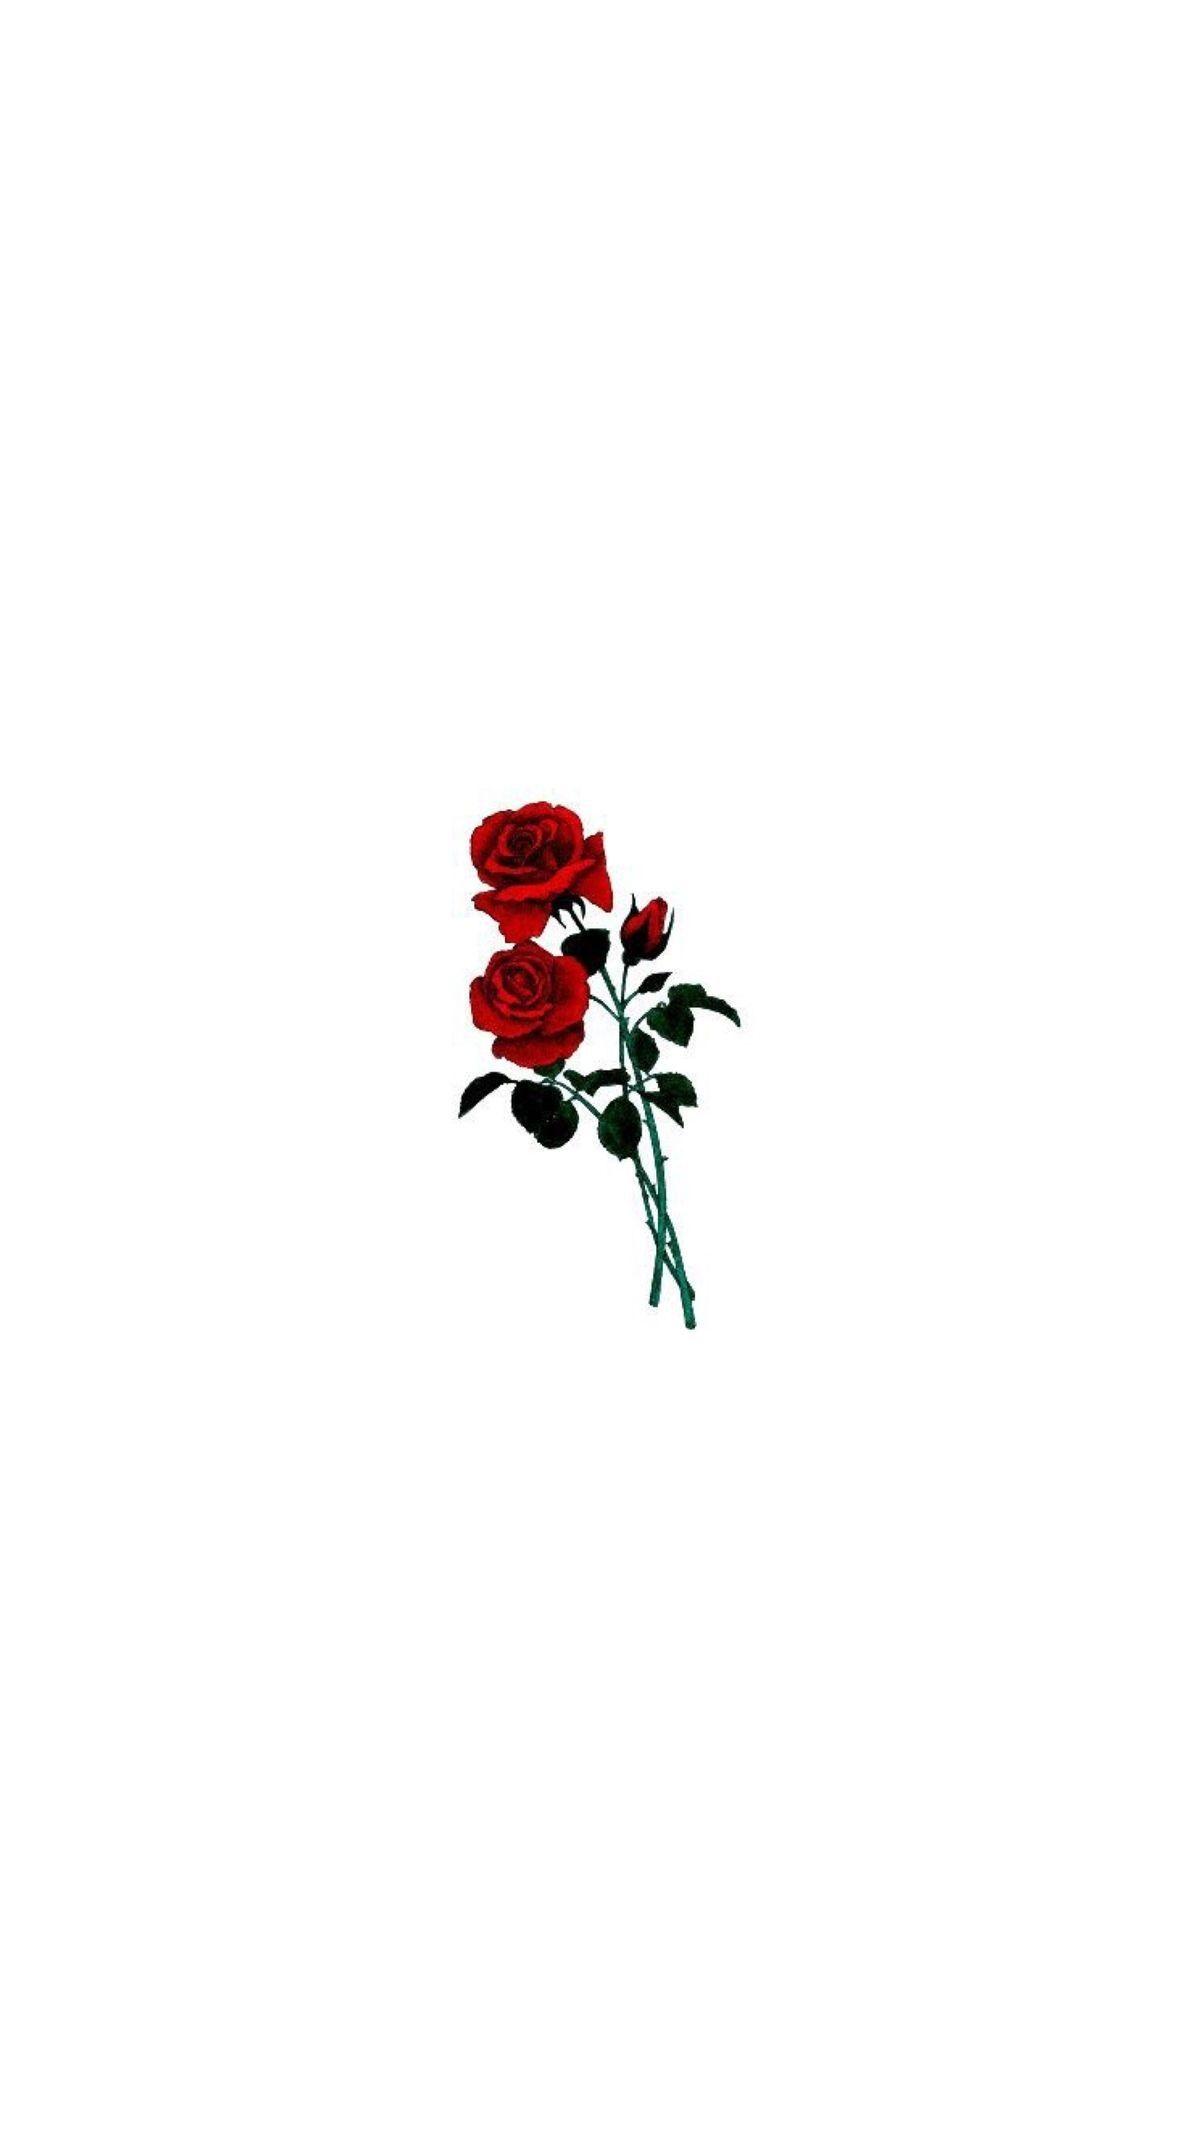 Iphone Rose Emoji Wallpaper